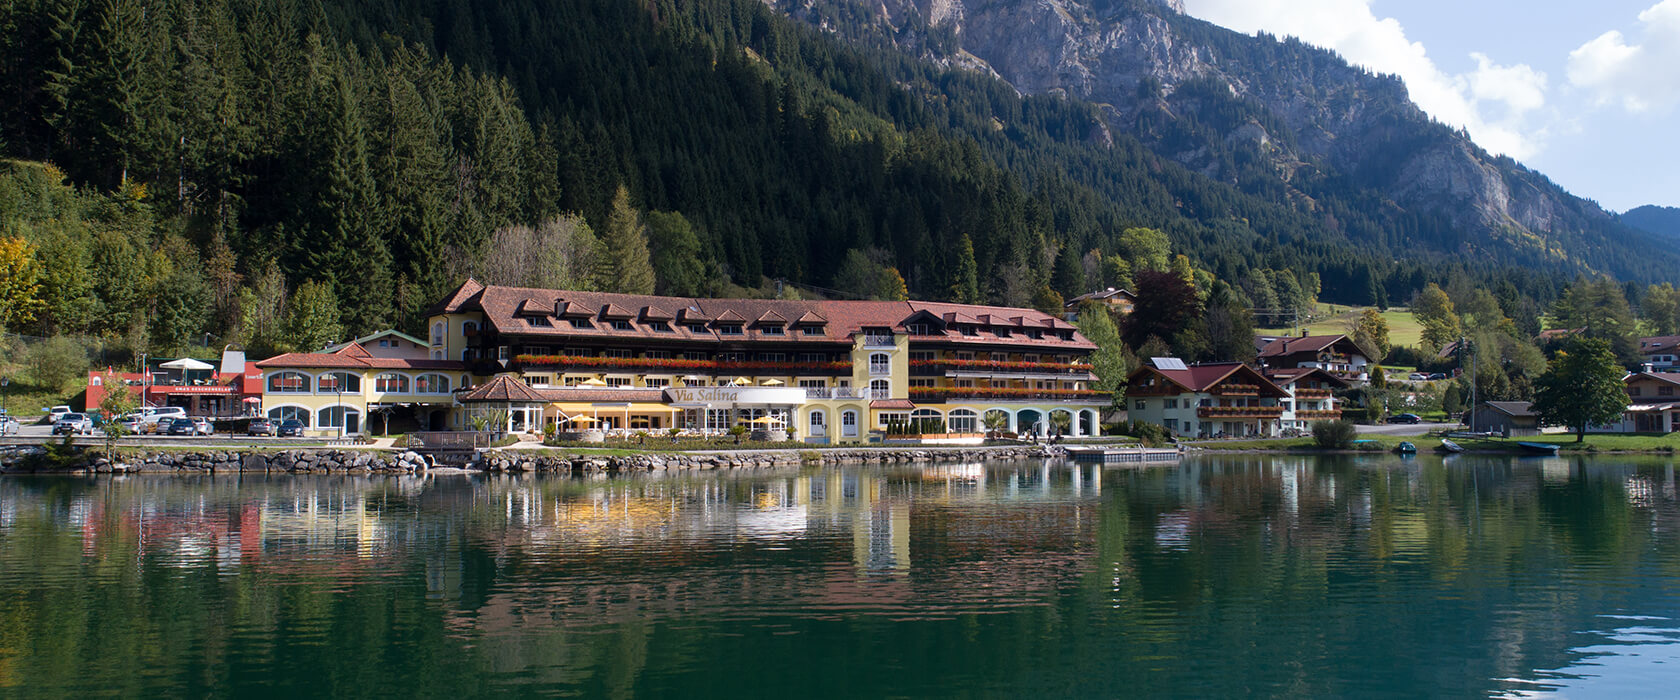 Hotel am haldensee in tirol sterreich for Designhotel tannheimer tal